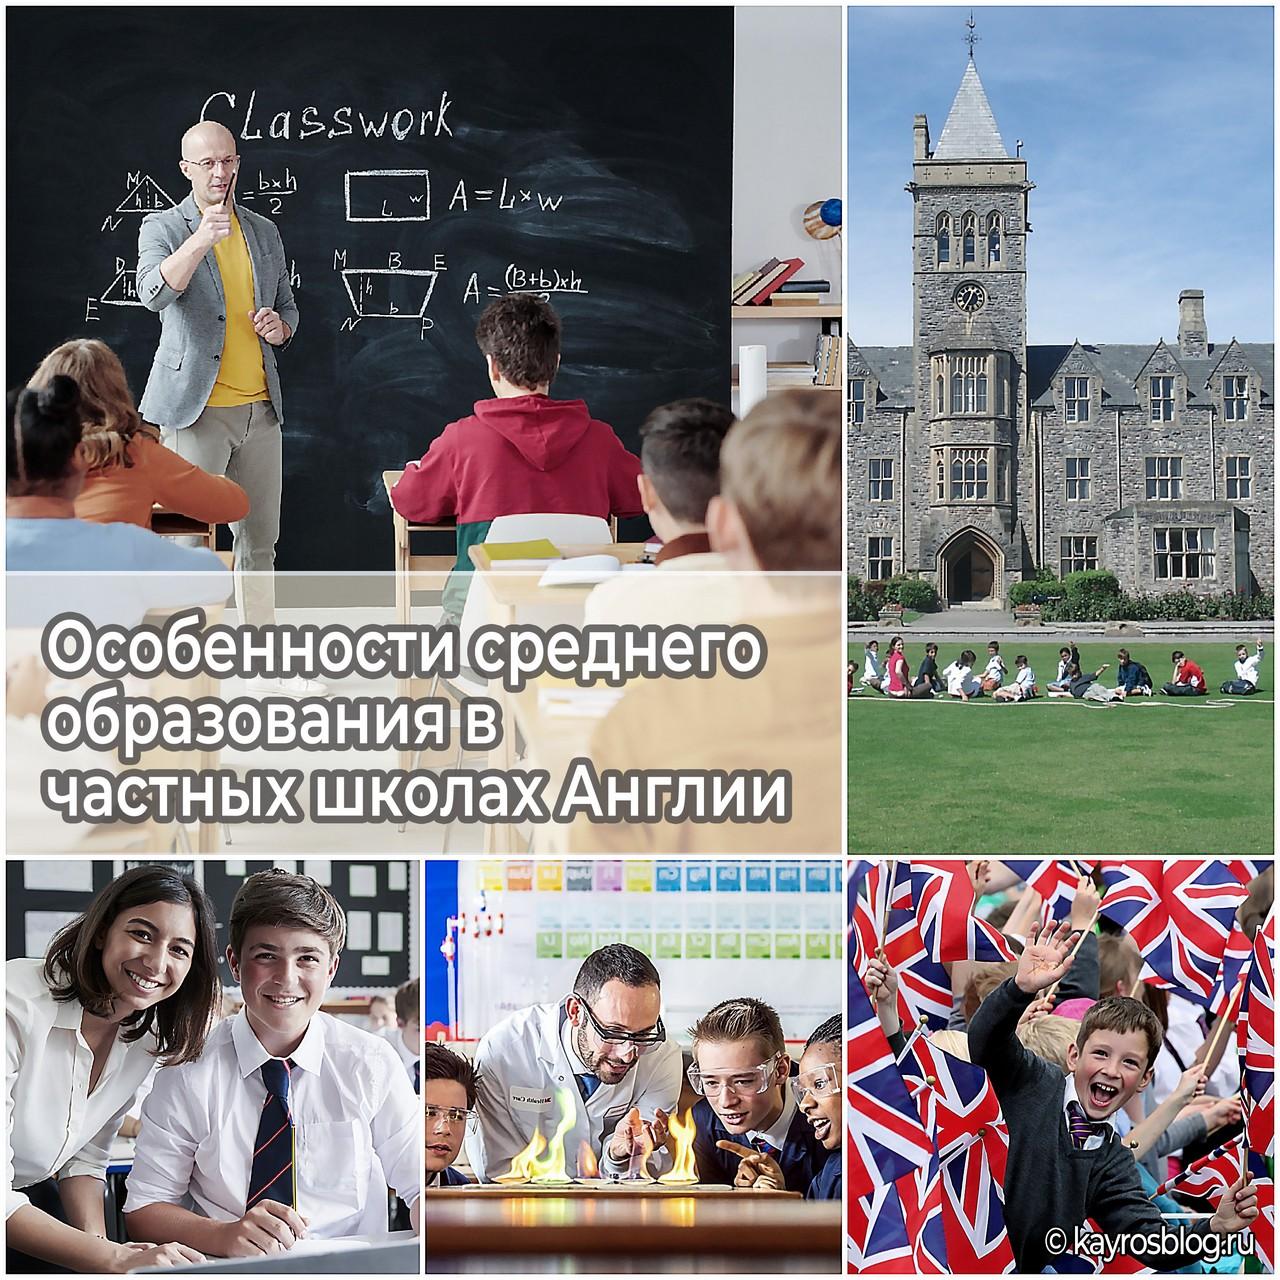 Особенности среднего образования в частных школах Англии